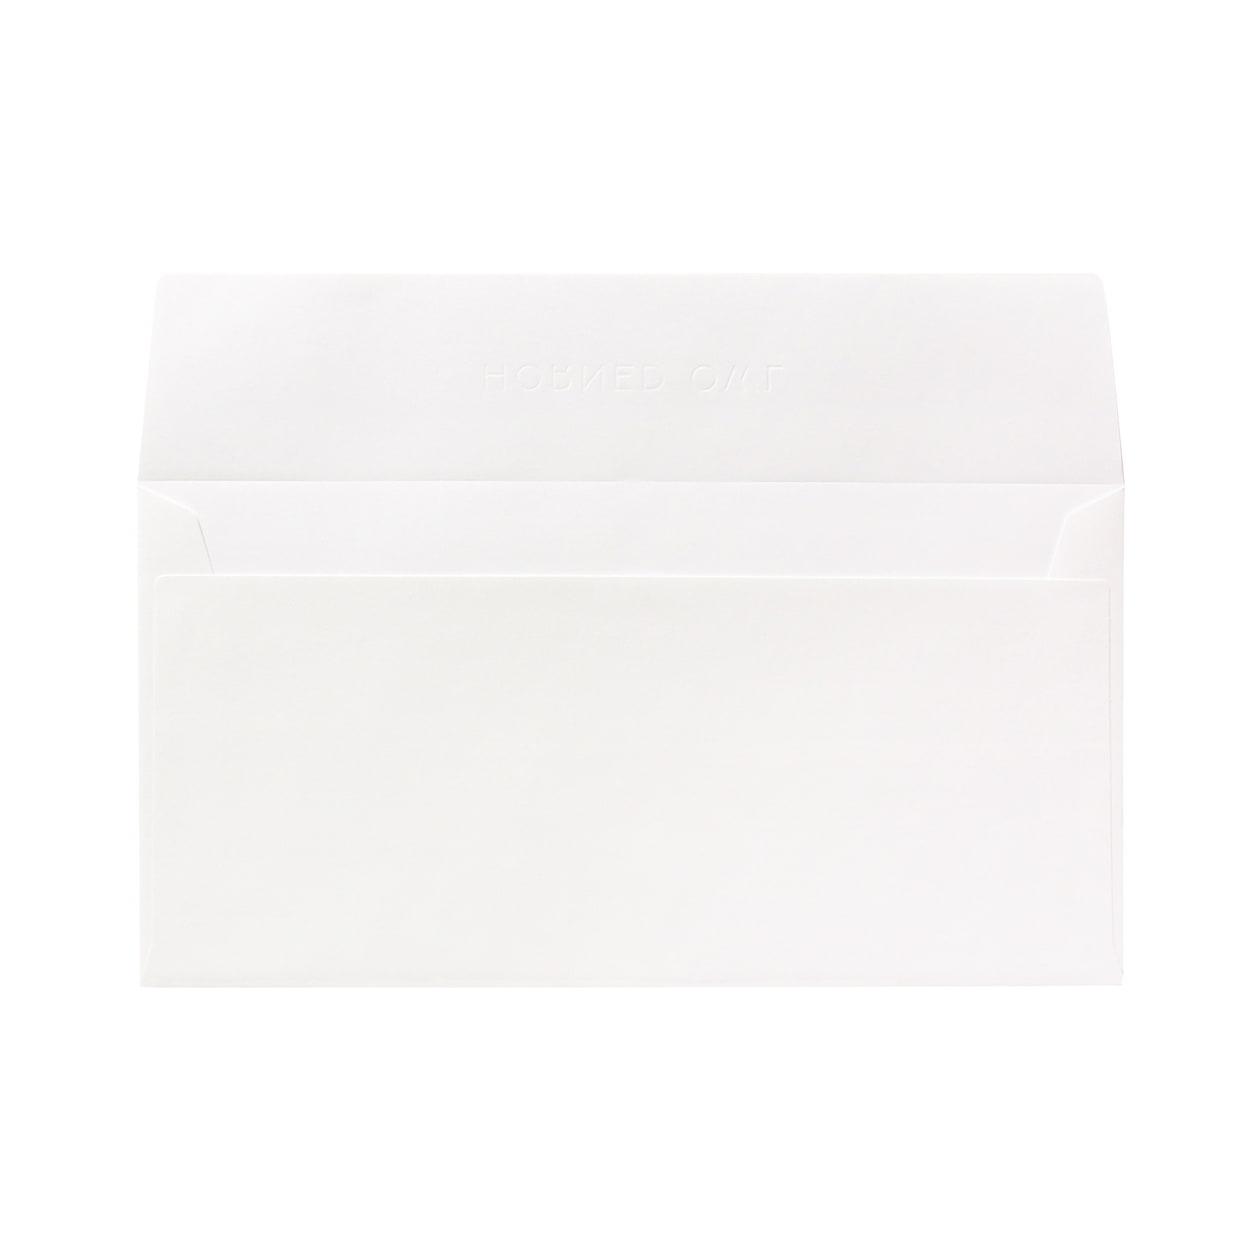 サンプル 封筒・袋 00169